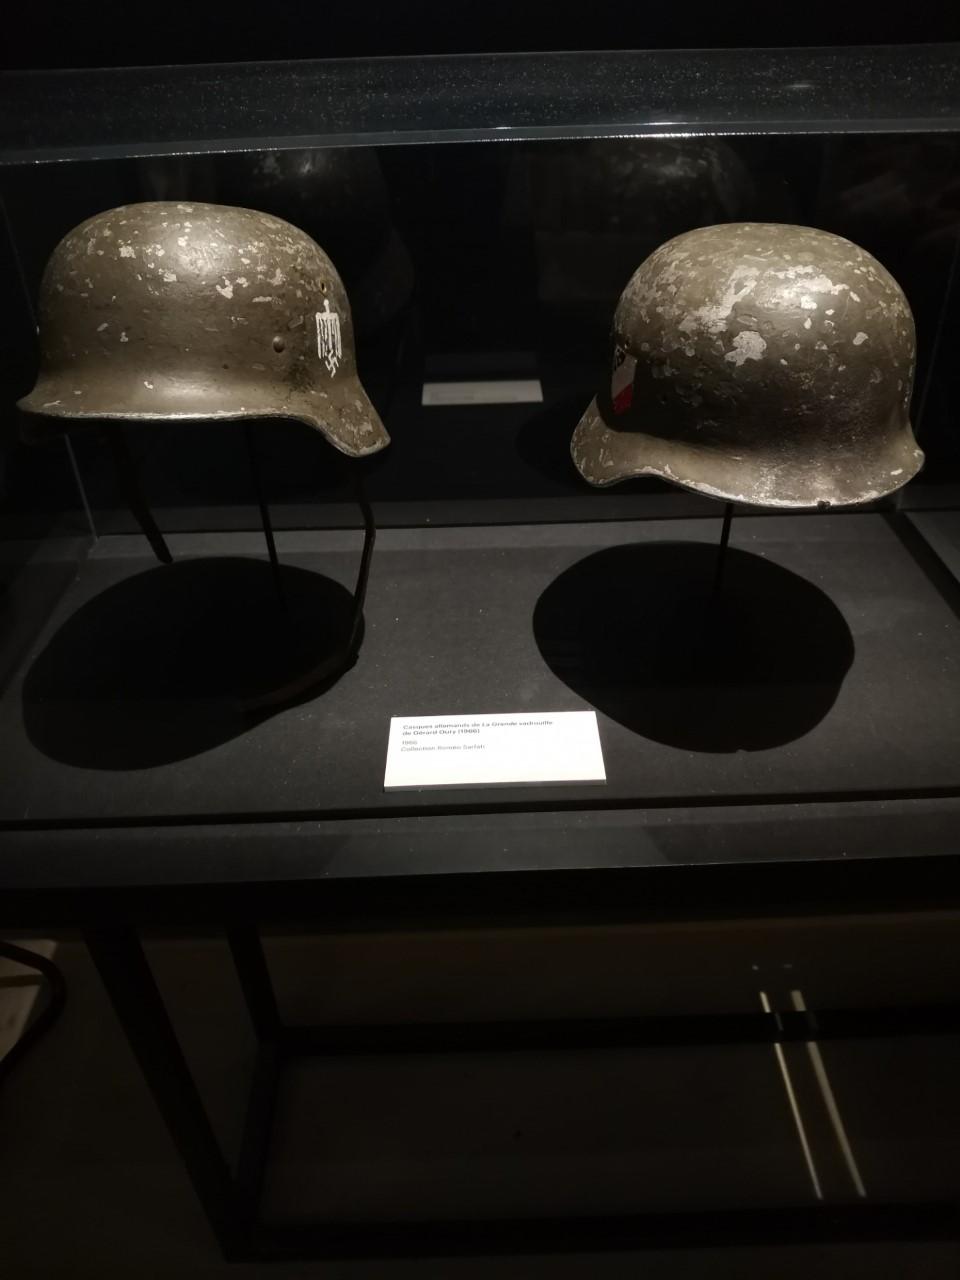 casques de Bourvil et de Louis de Funès dans la grande vadrouille Thumbn10